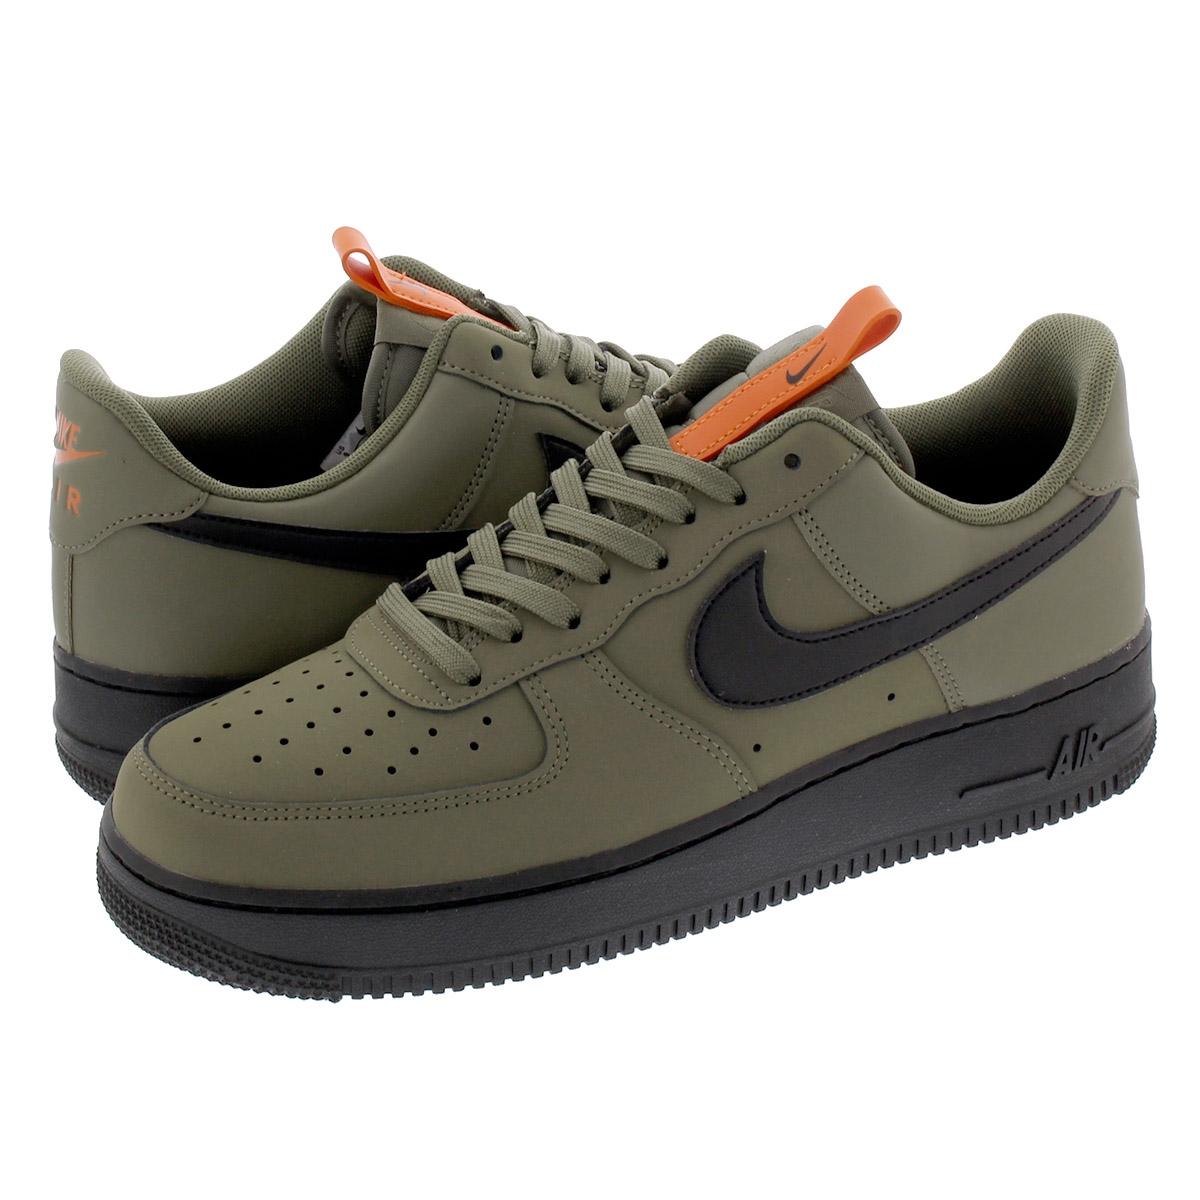 AIR NIKE Nike FORCE bq4326 MEDIUM 1 '07 force 07 200 1